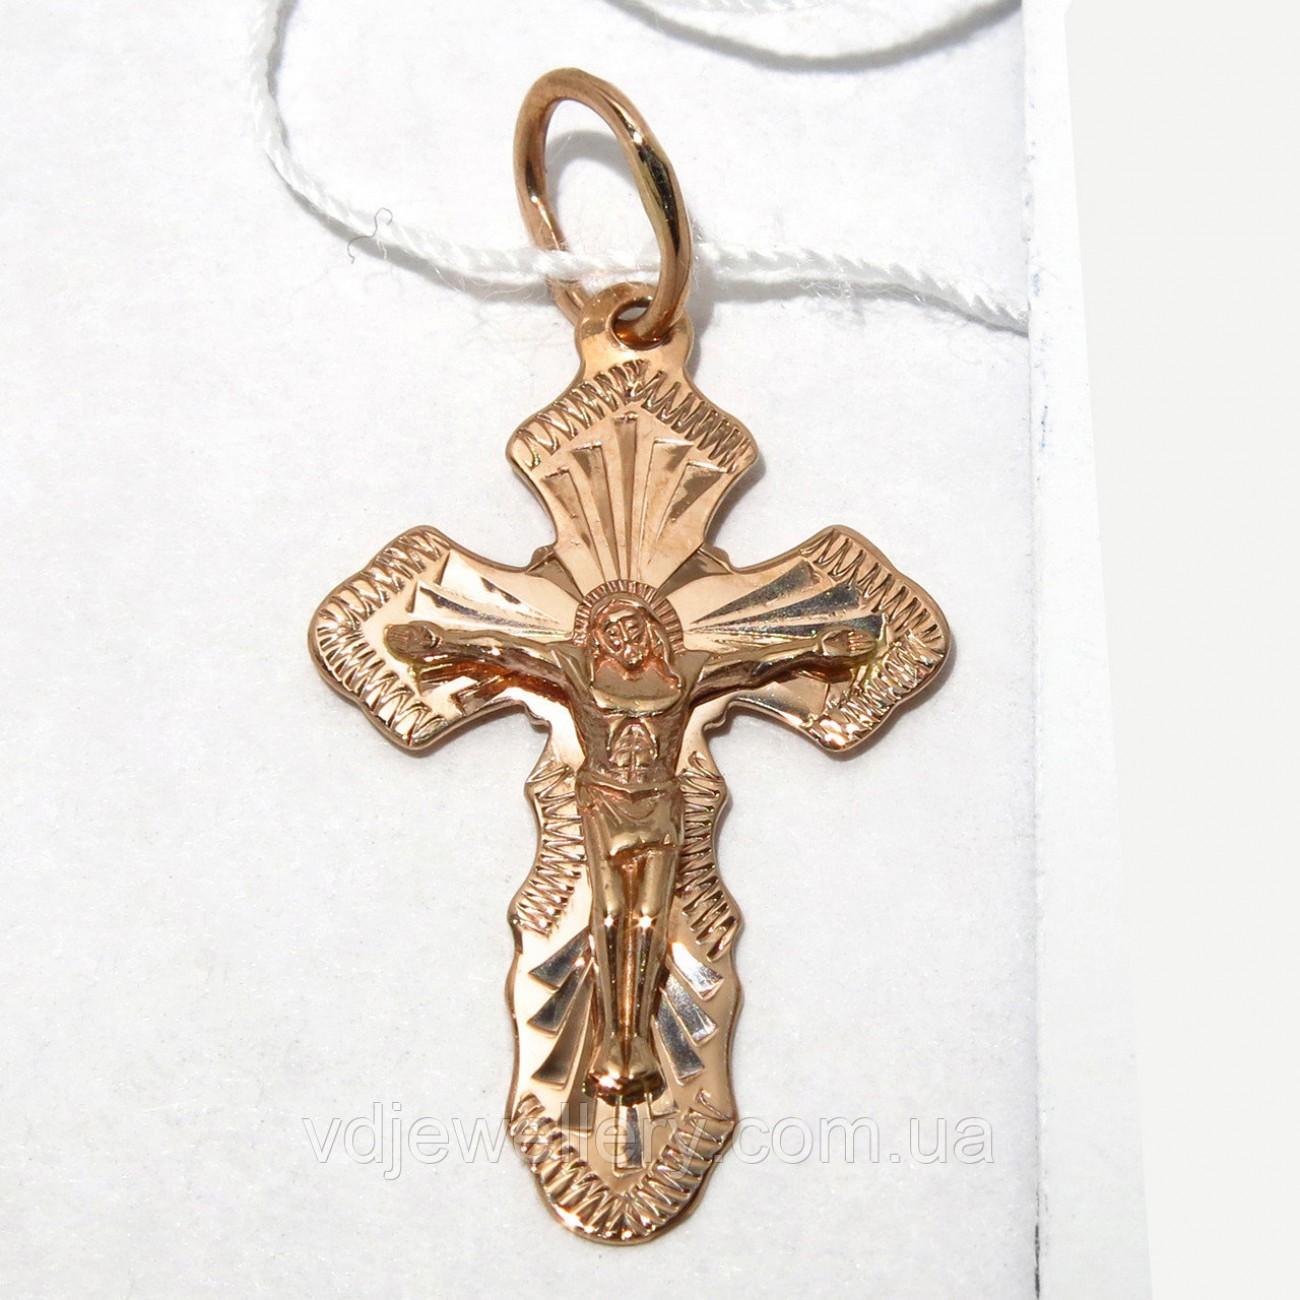 Золотой крестик 11113